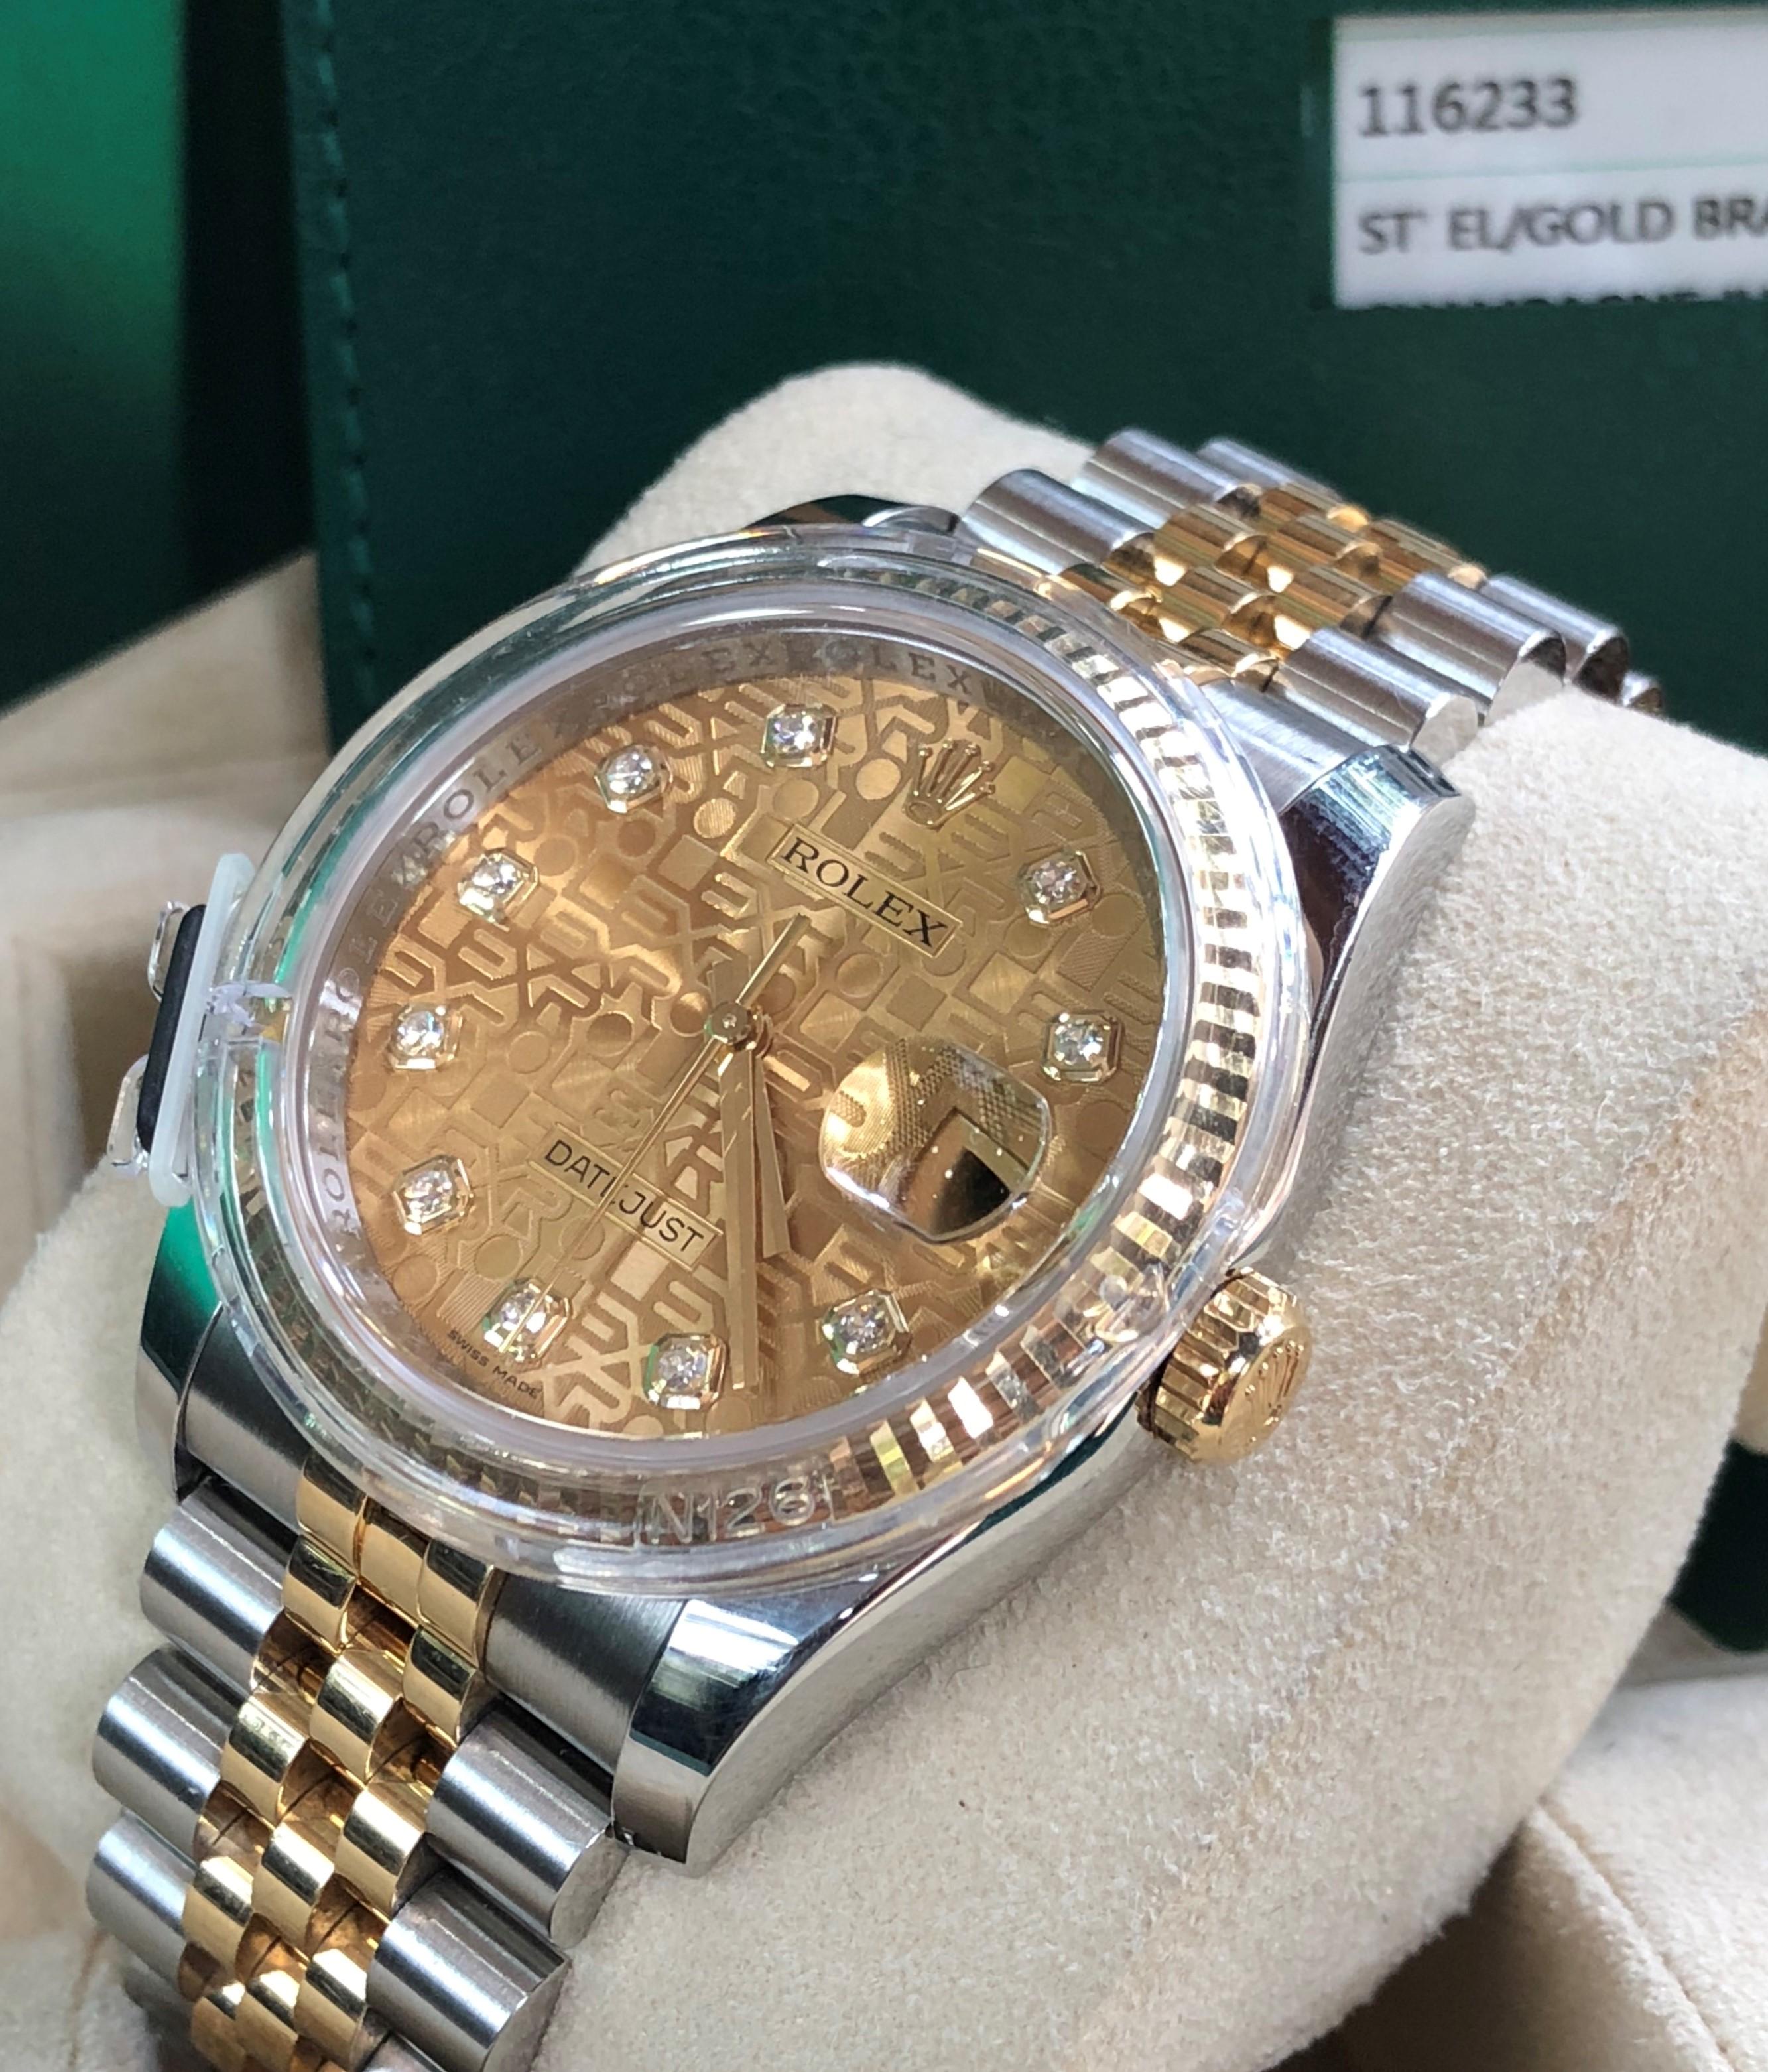 Rolex 116233 mặt vi tính demi vàng 18k Fullbox đời 2018